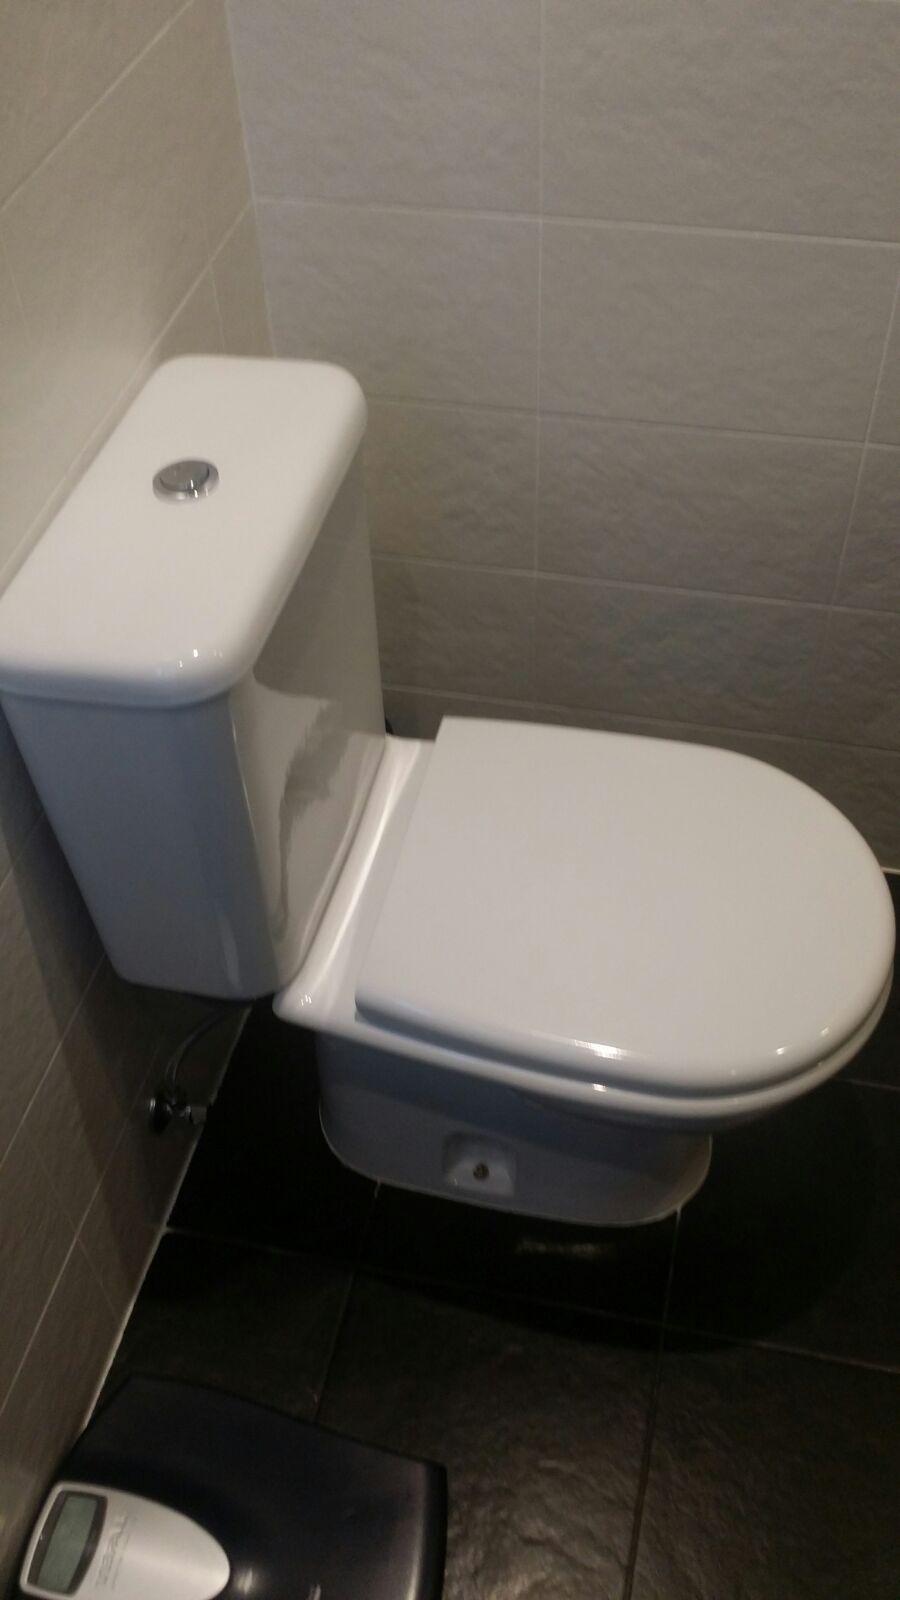 Instalaciones y venta tapa wc itaca i porcelanosa de noken for Inodoro porcelanosa